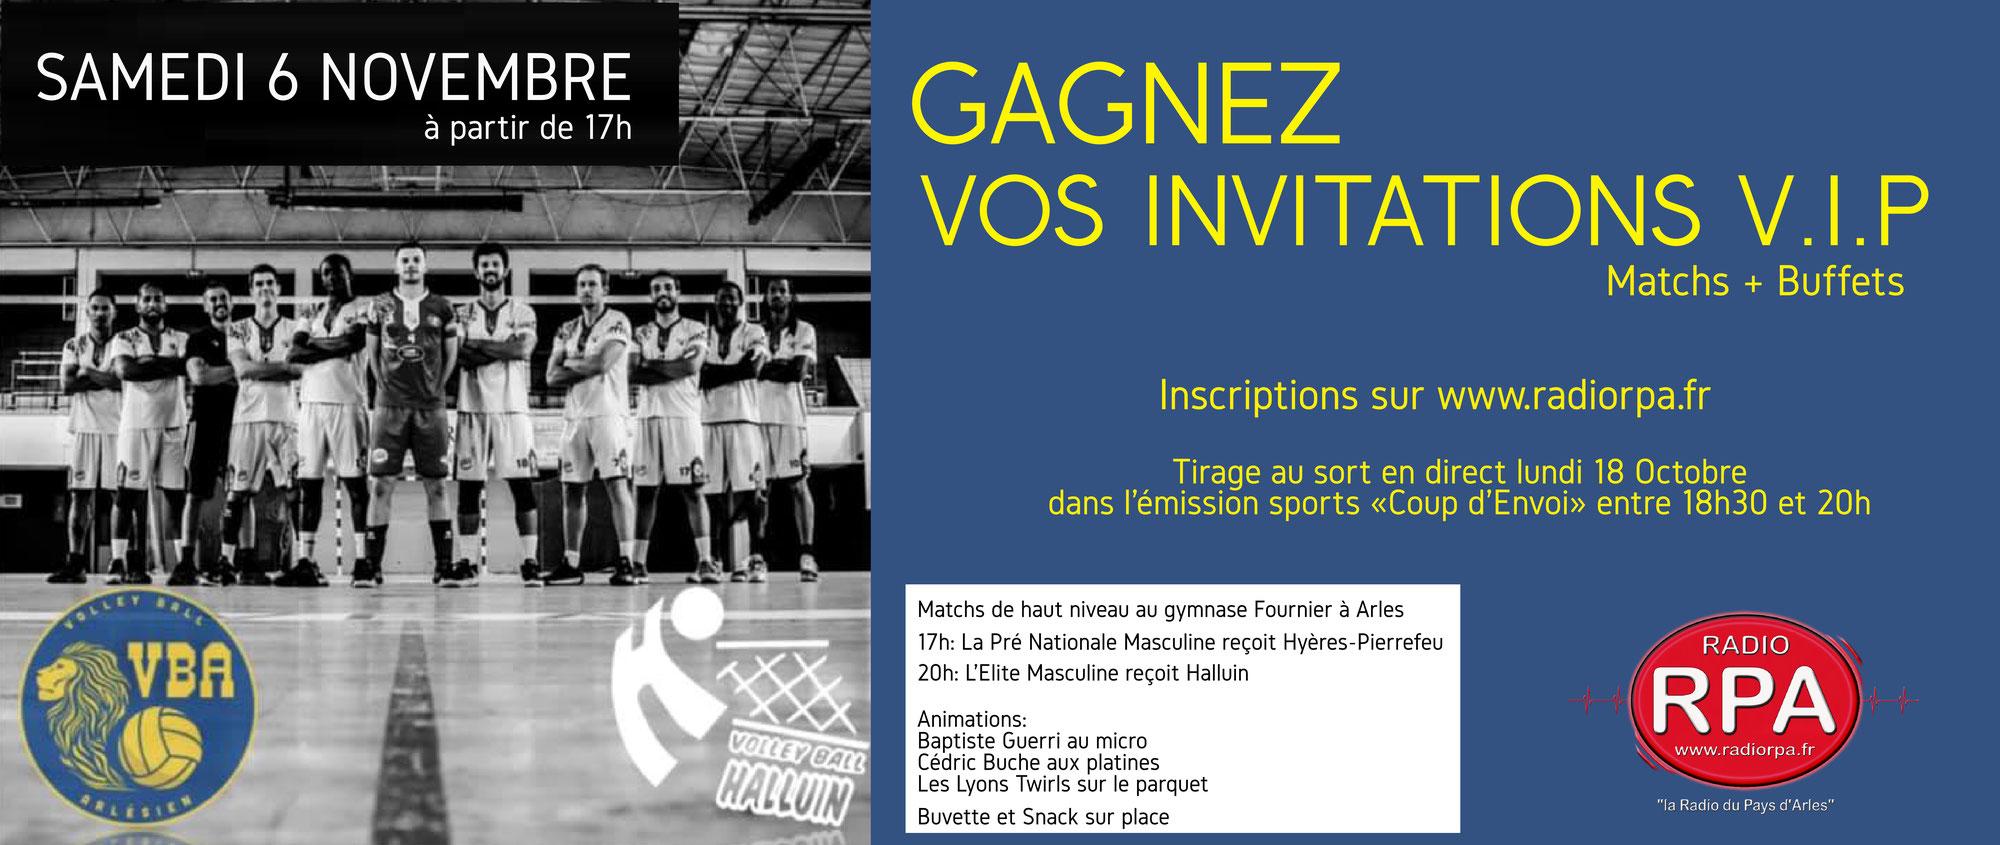 Jeu Radio RPA - Jour de match - Volley Ball Arlésien